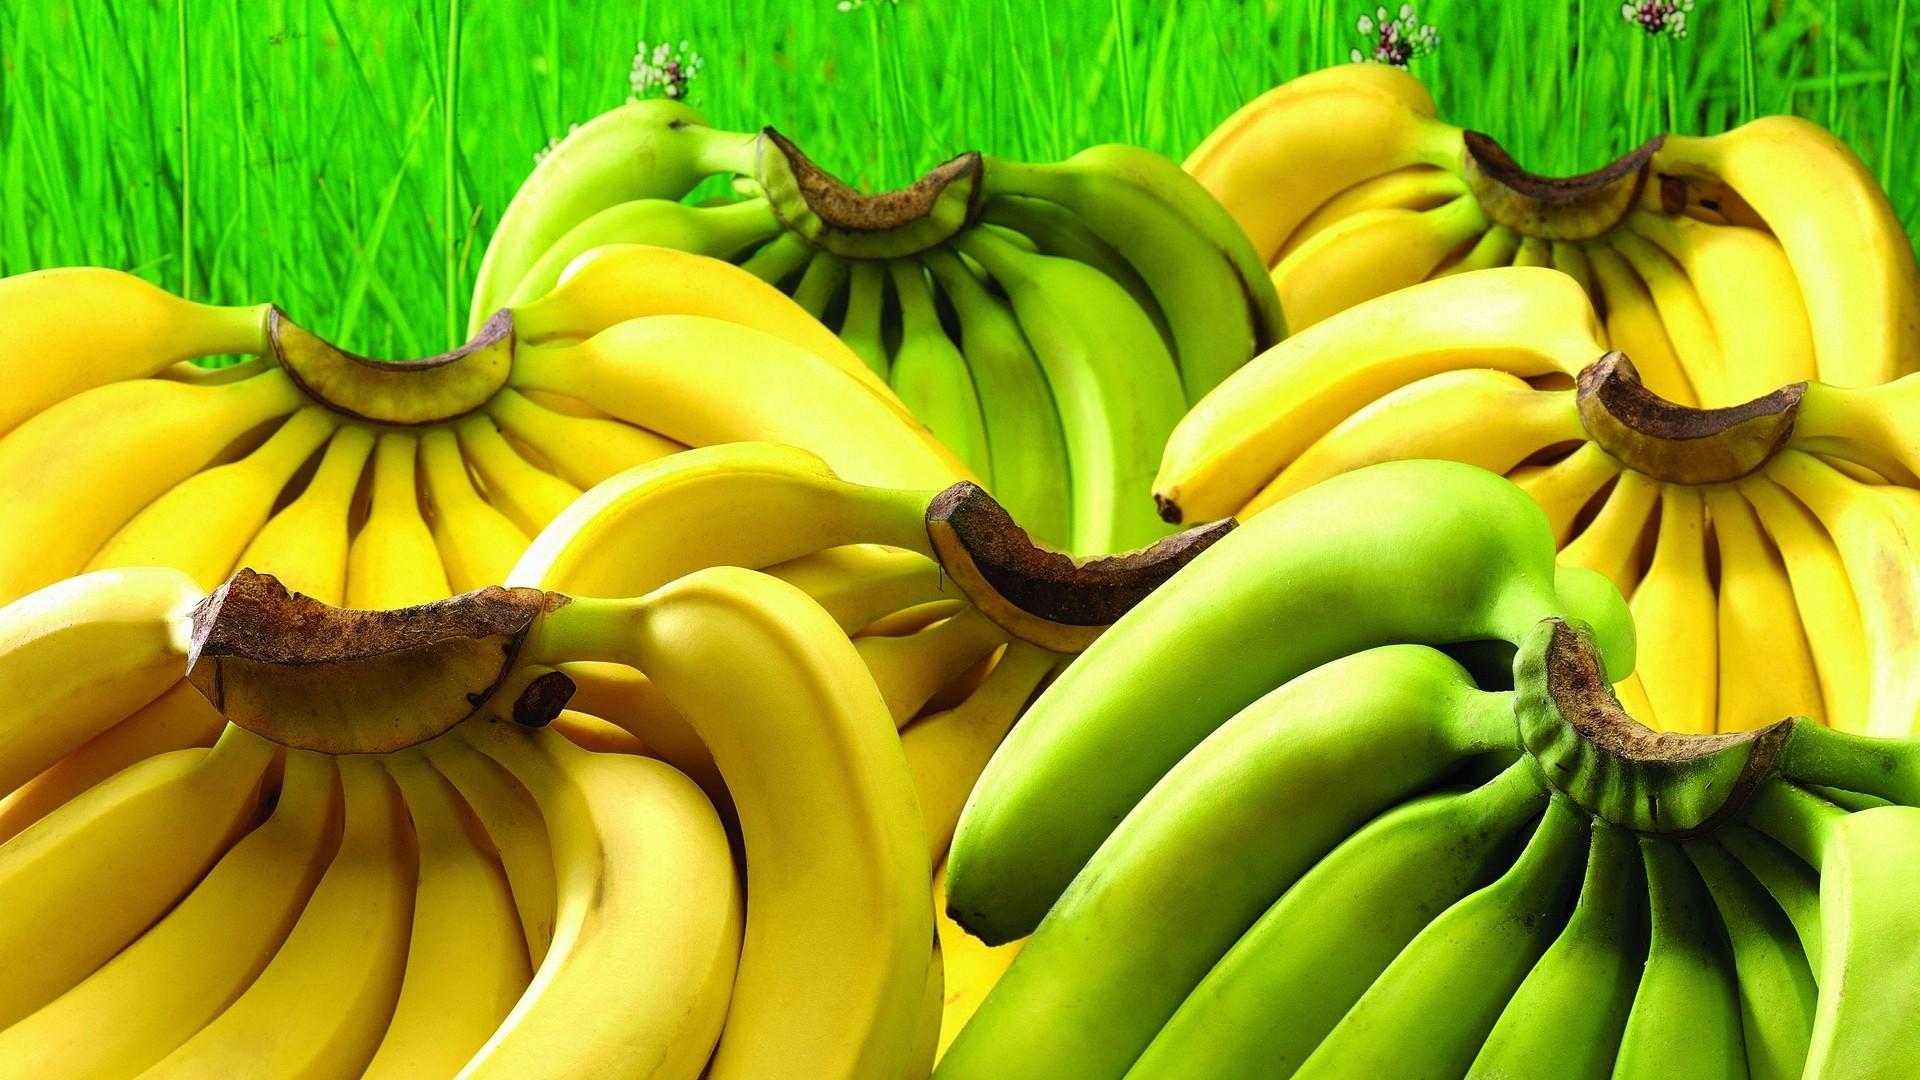 Banana High Quality